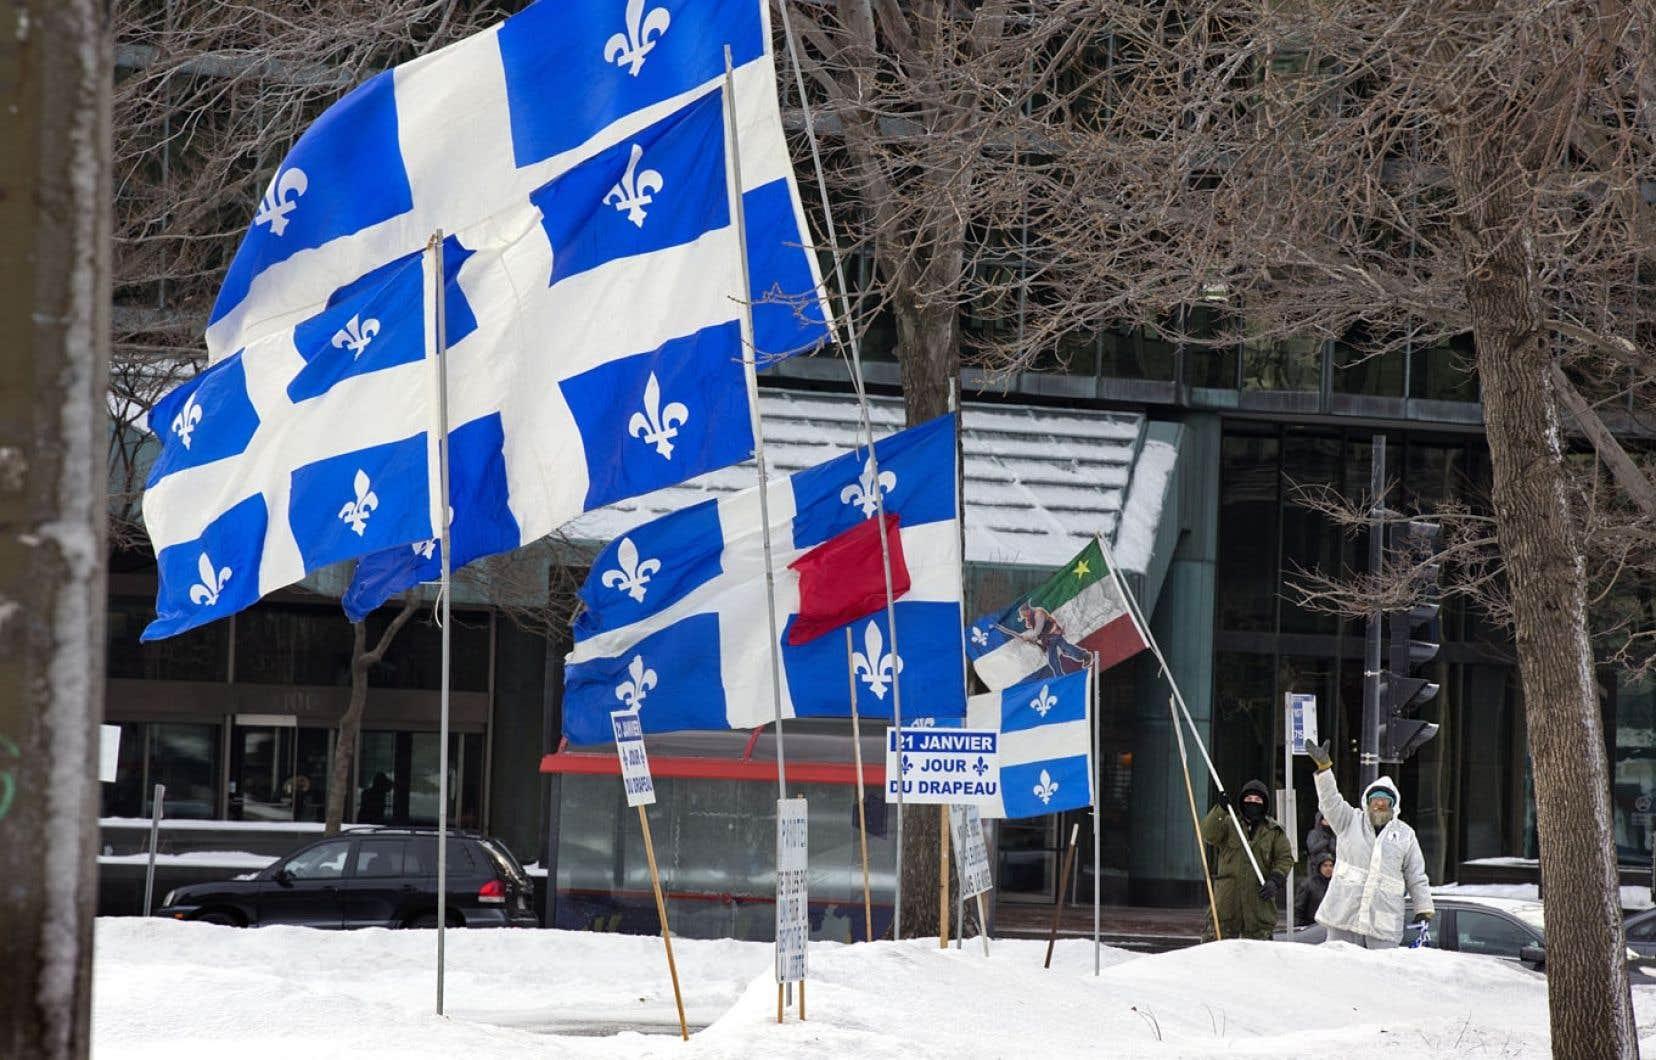 Le 21 janvier de chaque année est souligné l'anniversaire du drapeau québécois. C'est le premier ministre Maurice Duplessis qui a pris l'initiative de faire enlever l'Union Jack du Parlement et de hisser à sa place le fleurdelisé, le 21janvier 1948.